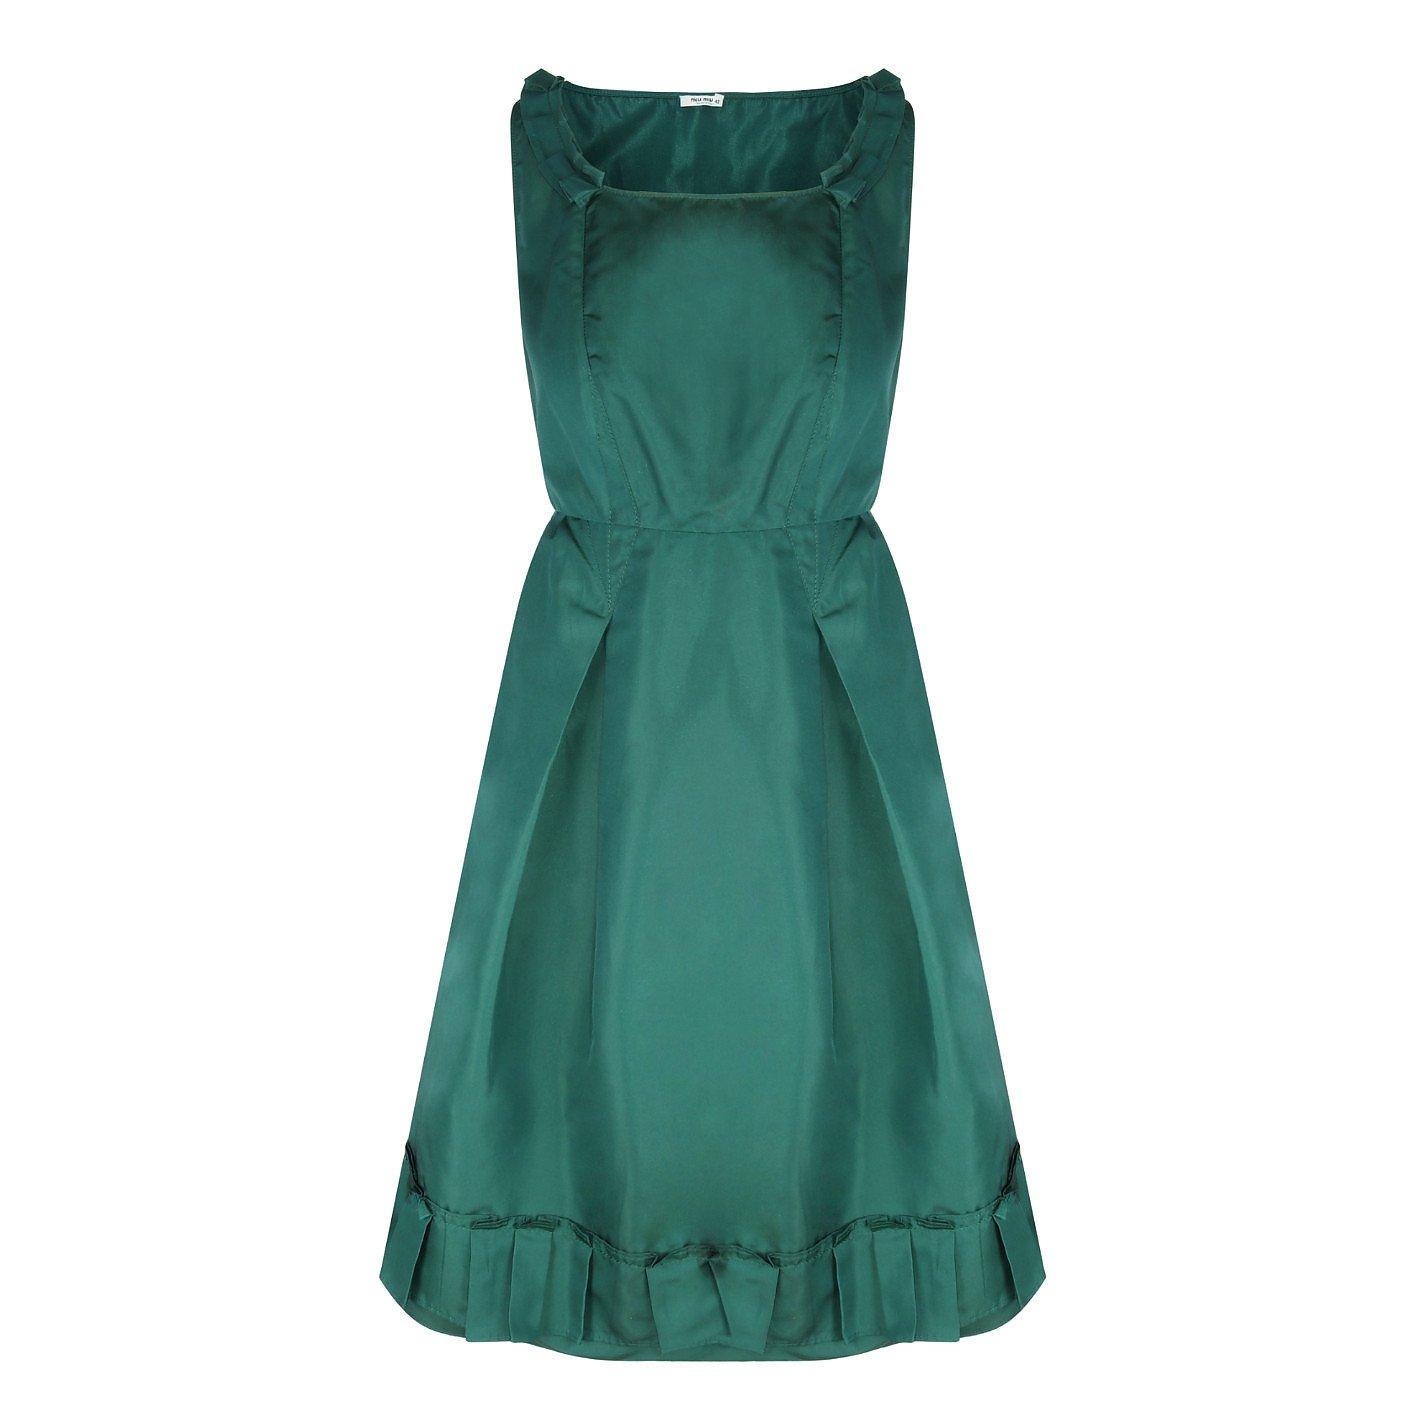 Miu Miu Forest Green Dress